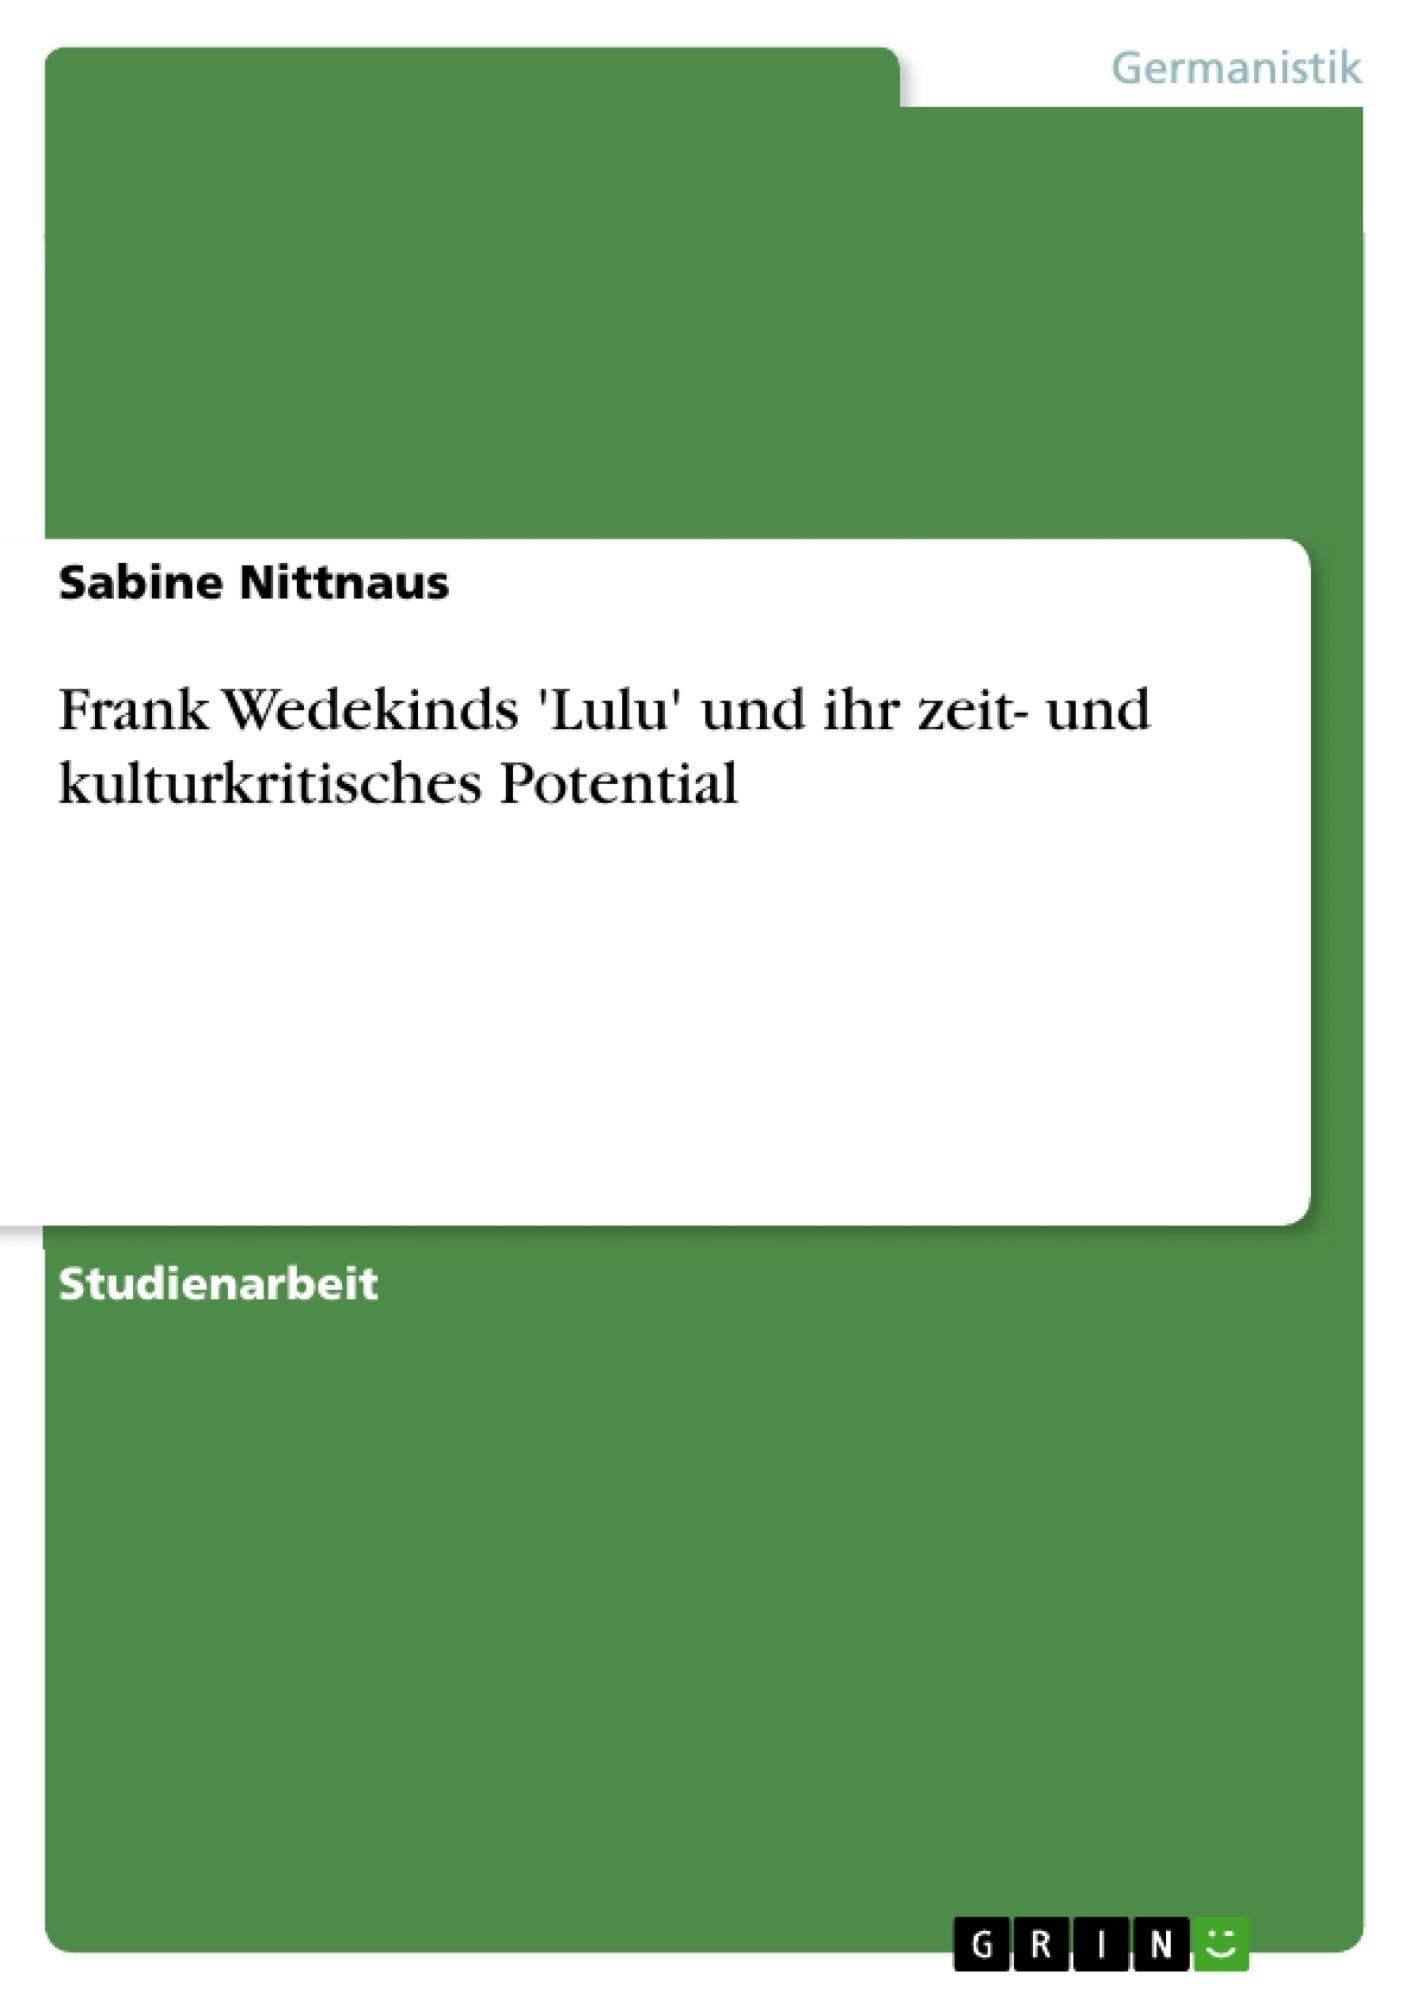 Titel: Frank Wedekinds 'Lulu' und ihr zeit- und kulturkritisches Potential